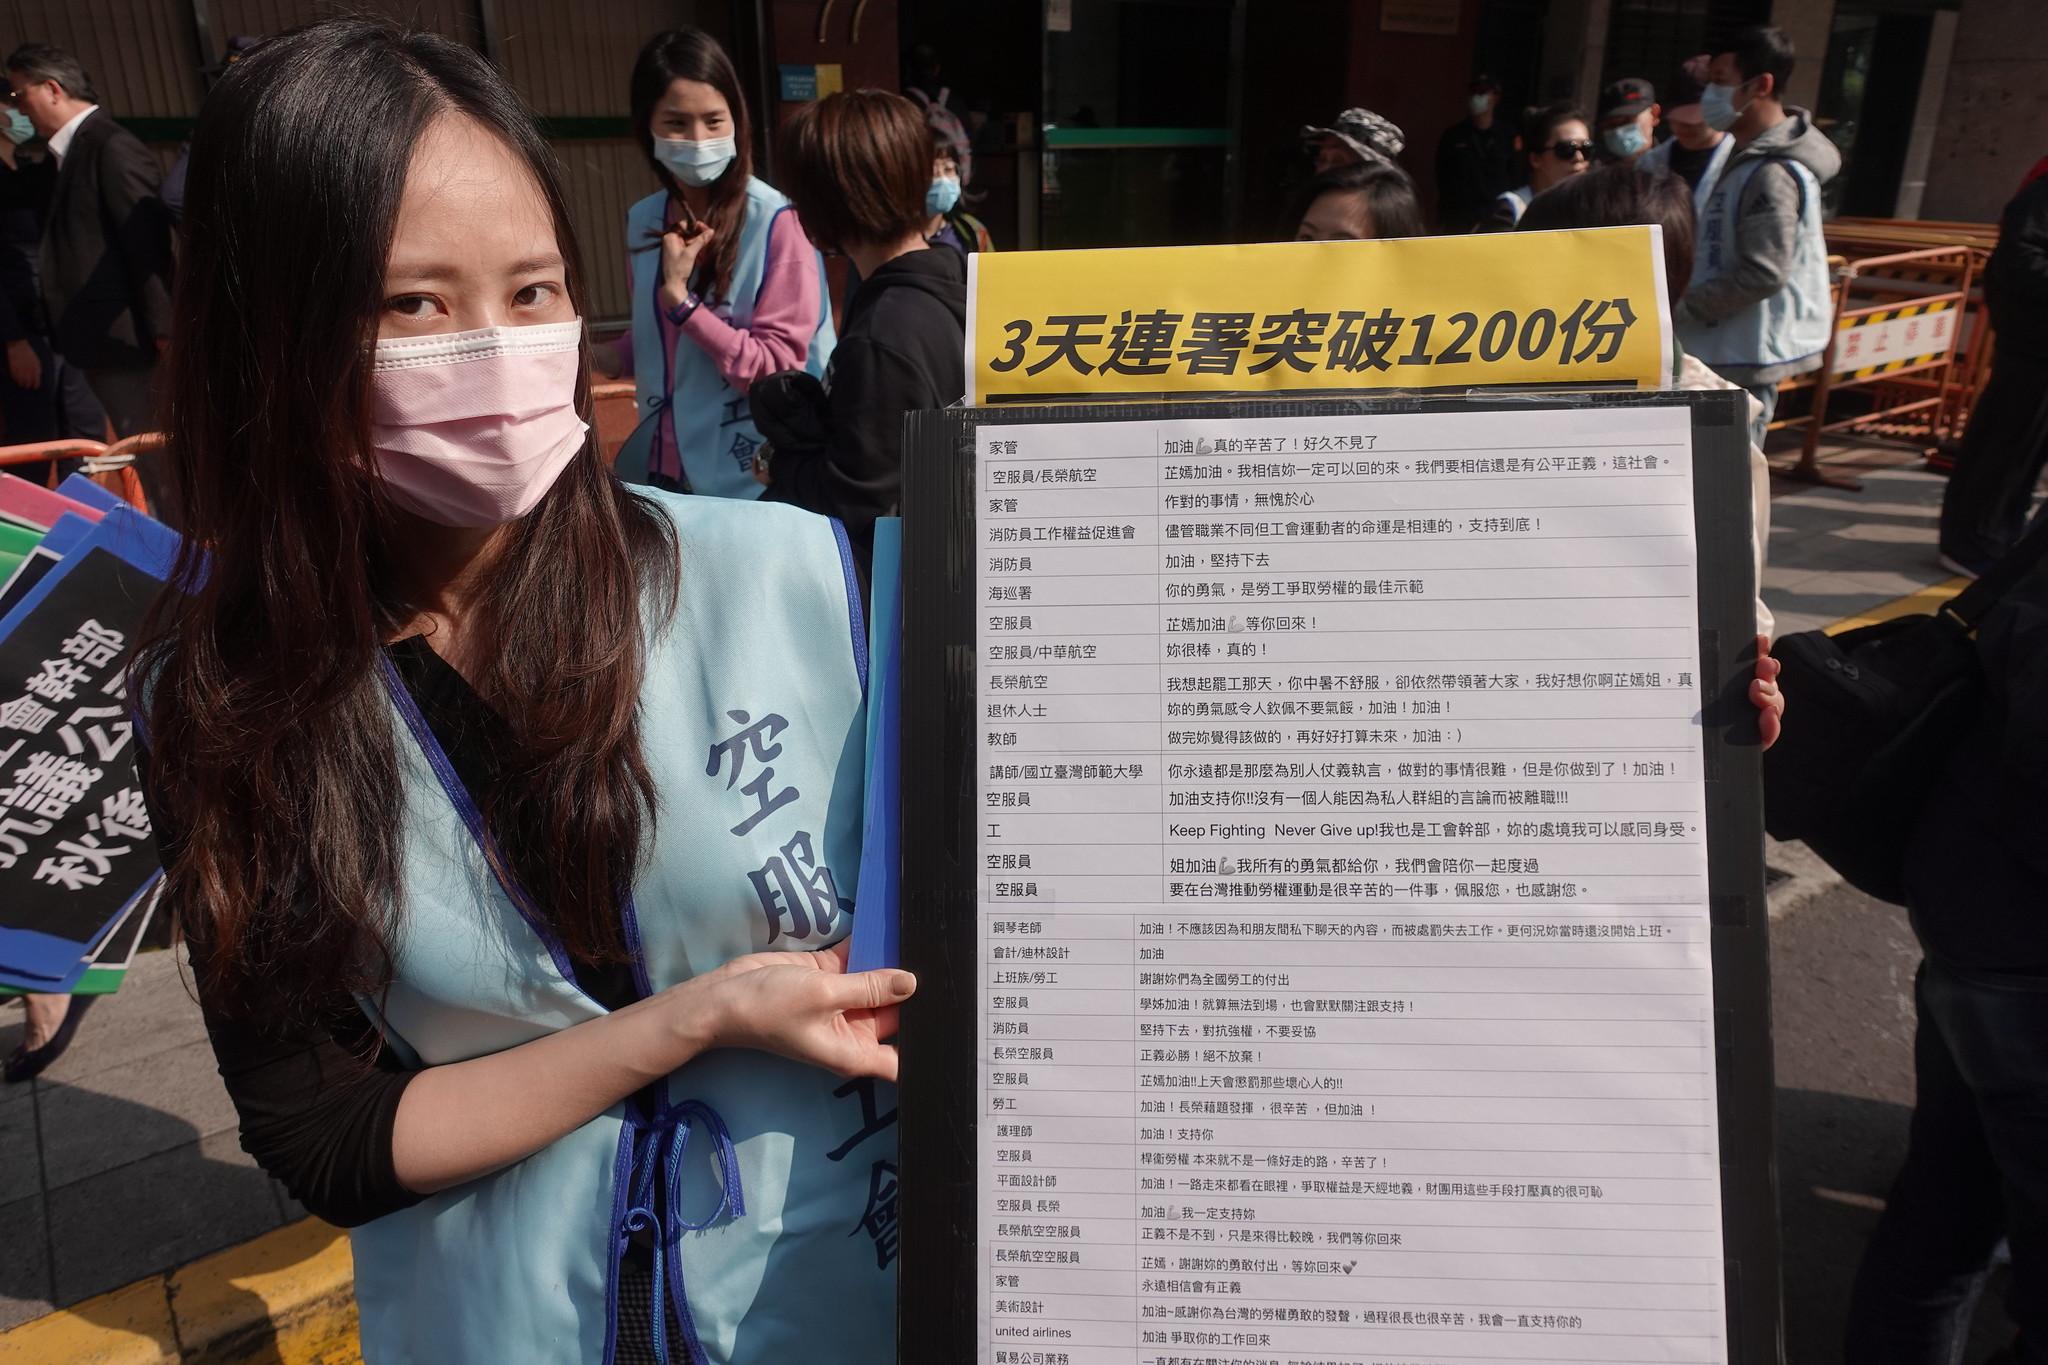 聲援郭芷嫣的連署活動三天內就超過1200人支持。(攝影:張智琦)